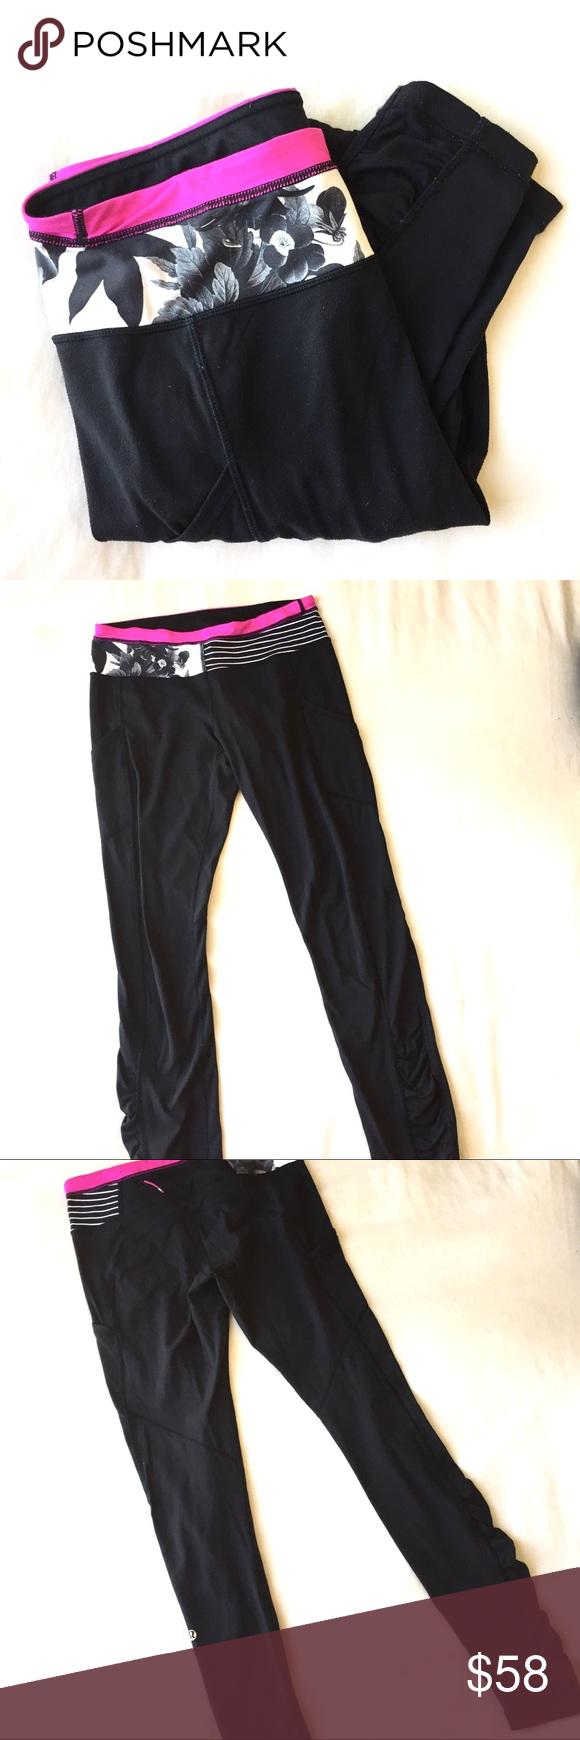 0f73856d6ec35 Lululemon Black Wunder Under Leggings Lululemon   women's leggings   black  with white, pink and black waist band design   wunder under   full length  ...